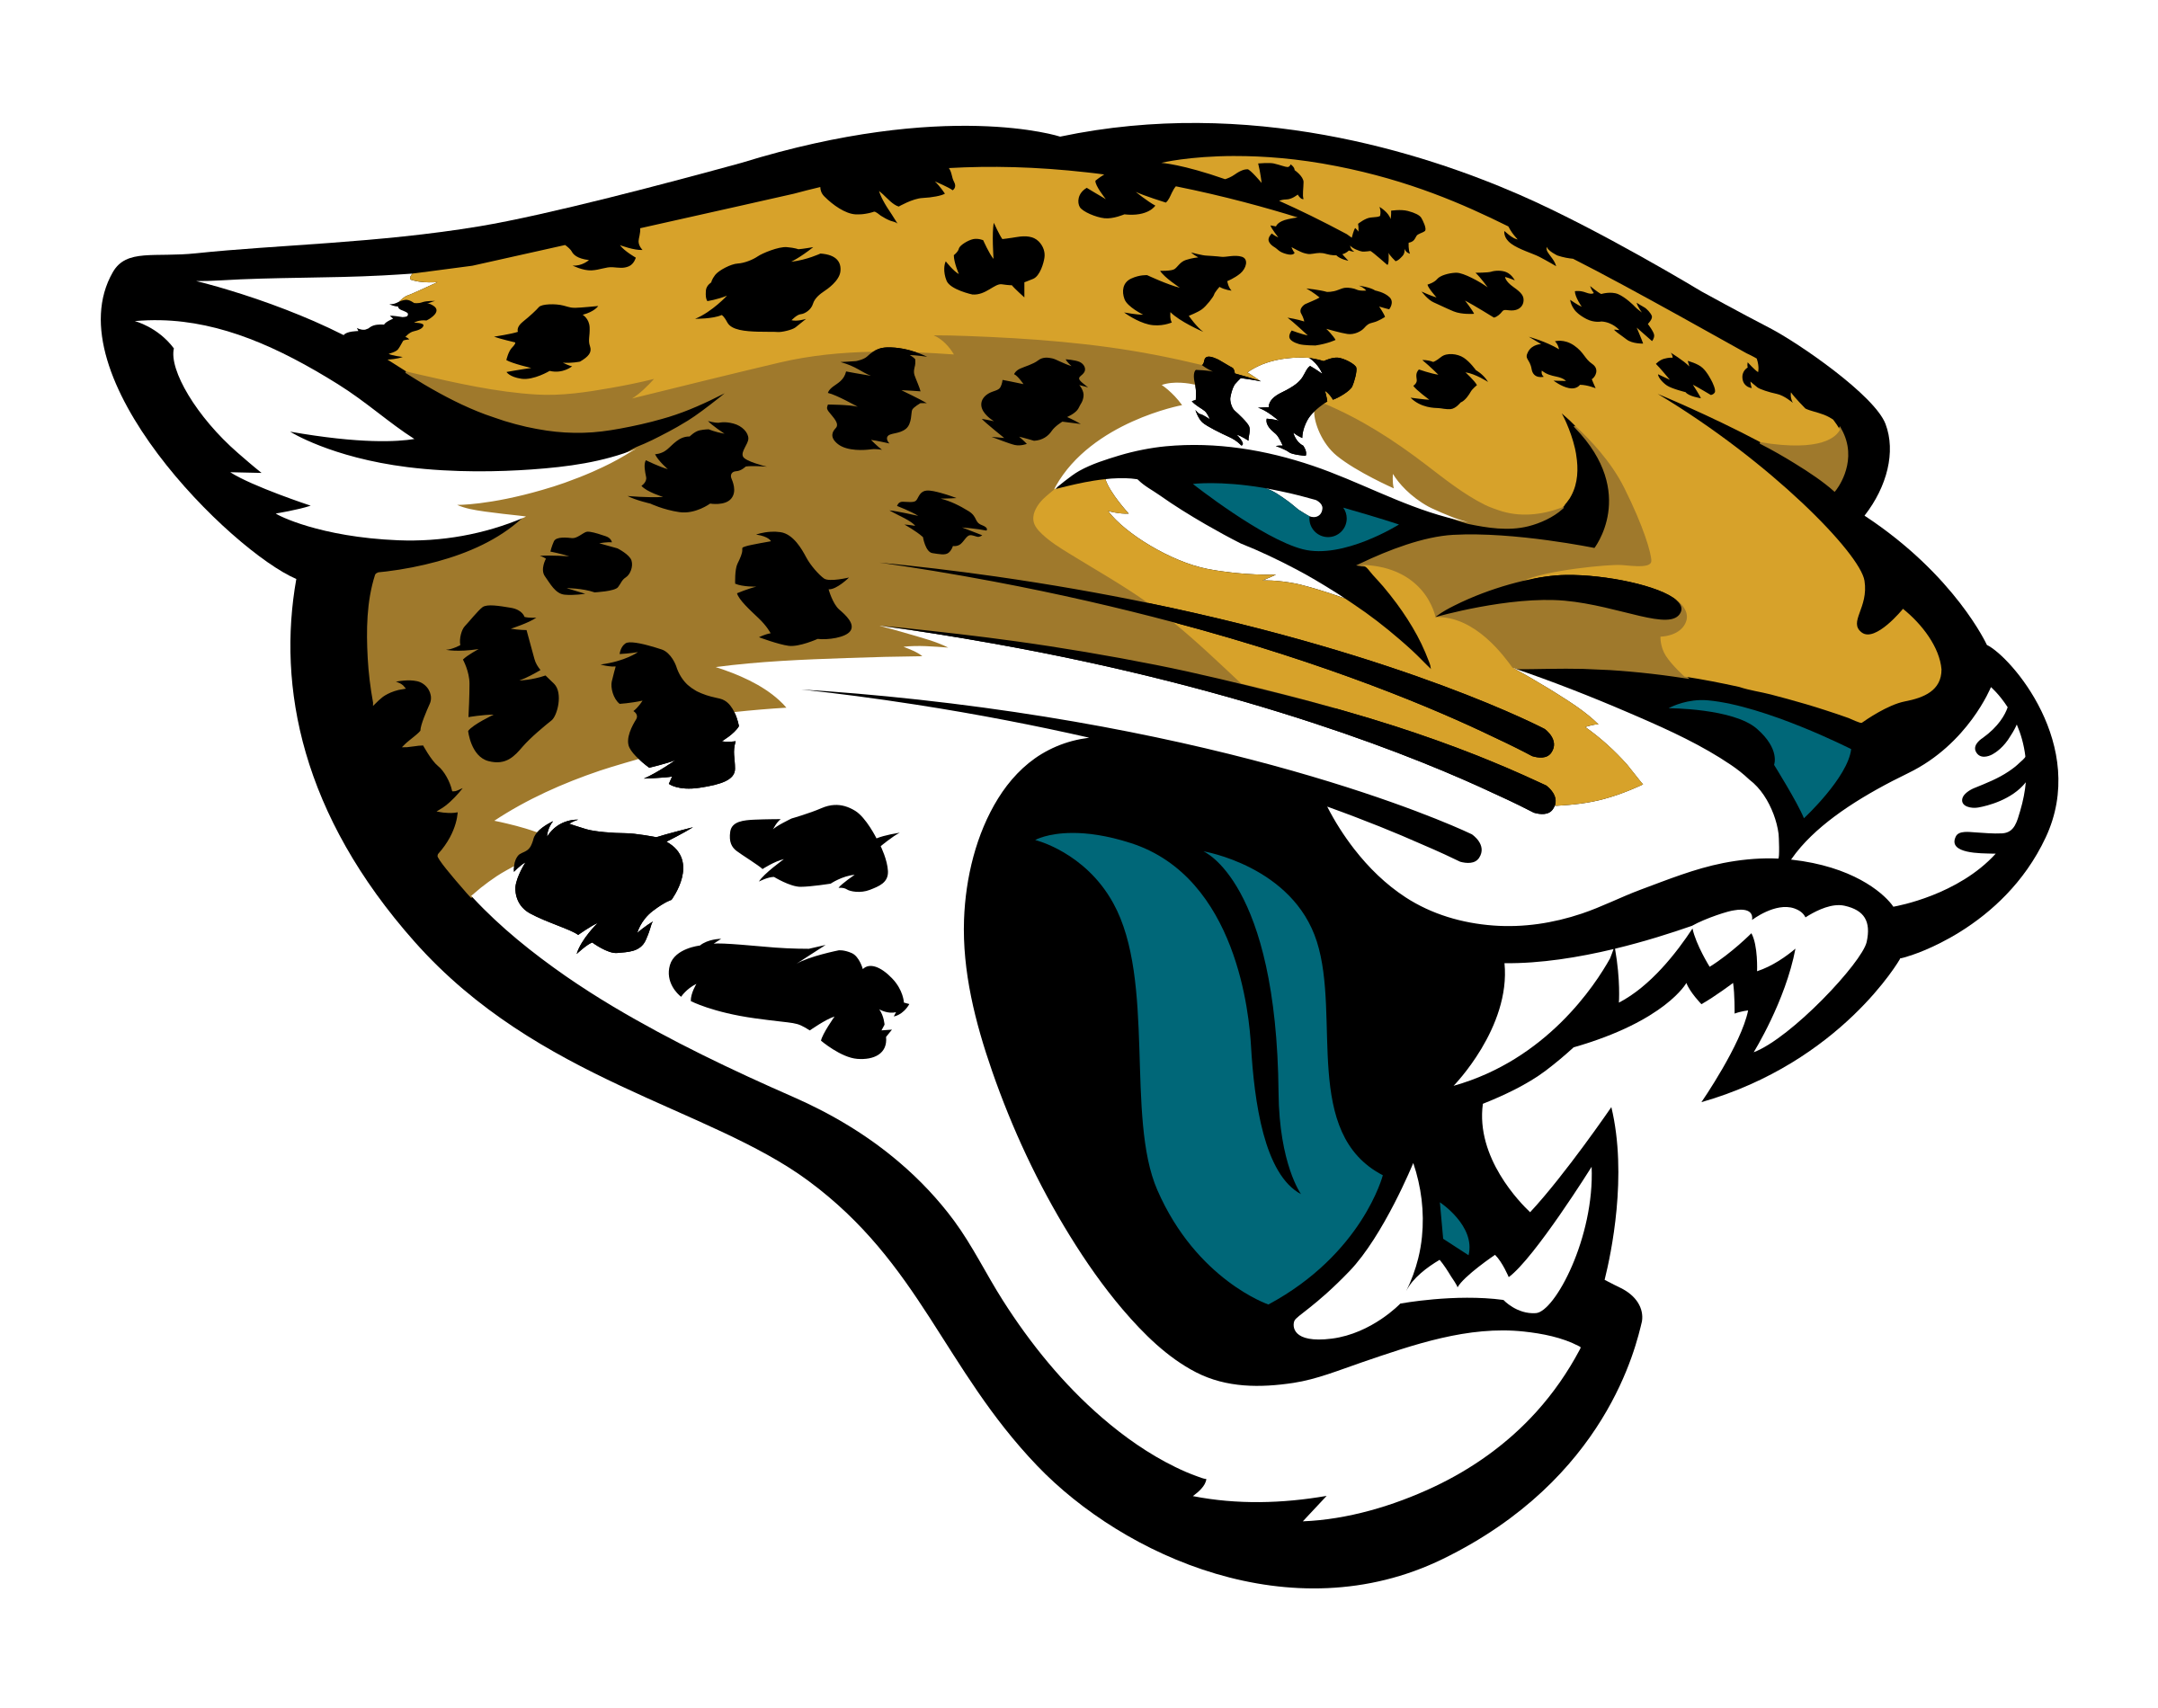 Jacksonville Jaguars logo transparent - Jacksonville Jaguars Vector PNG